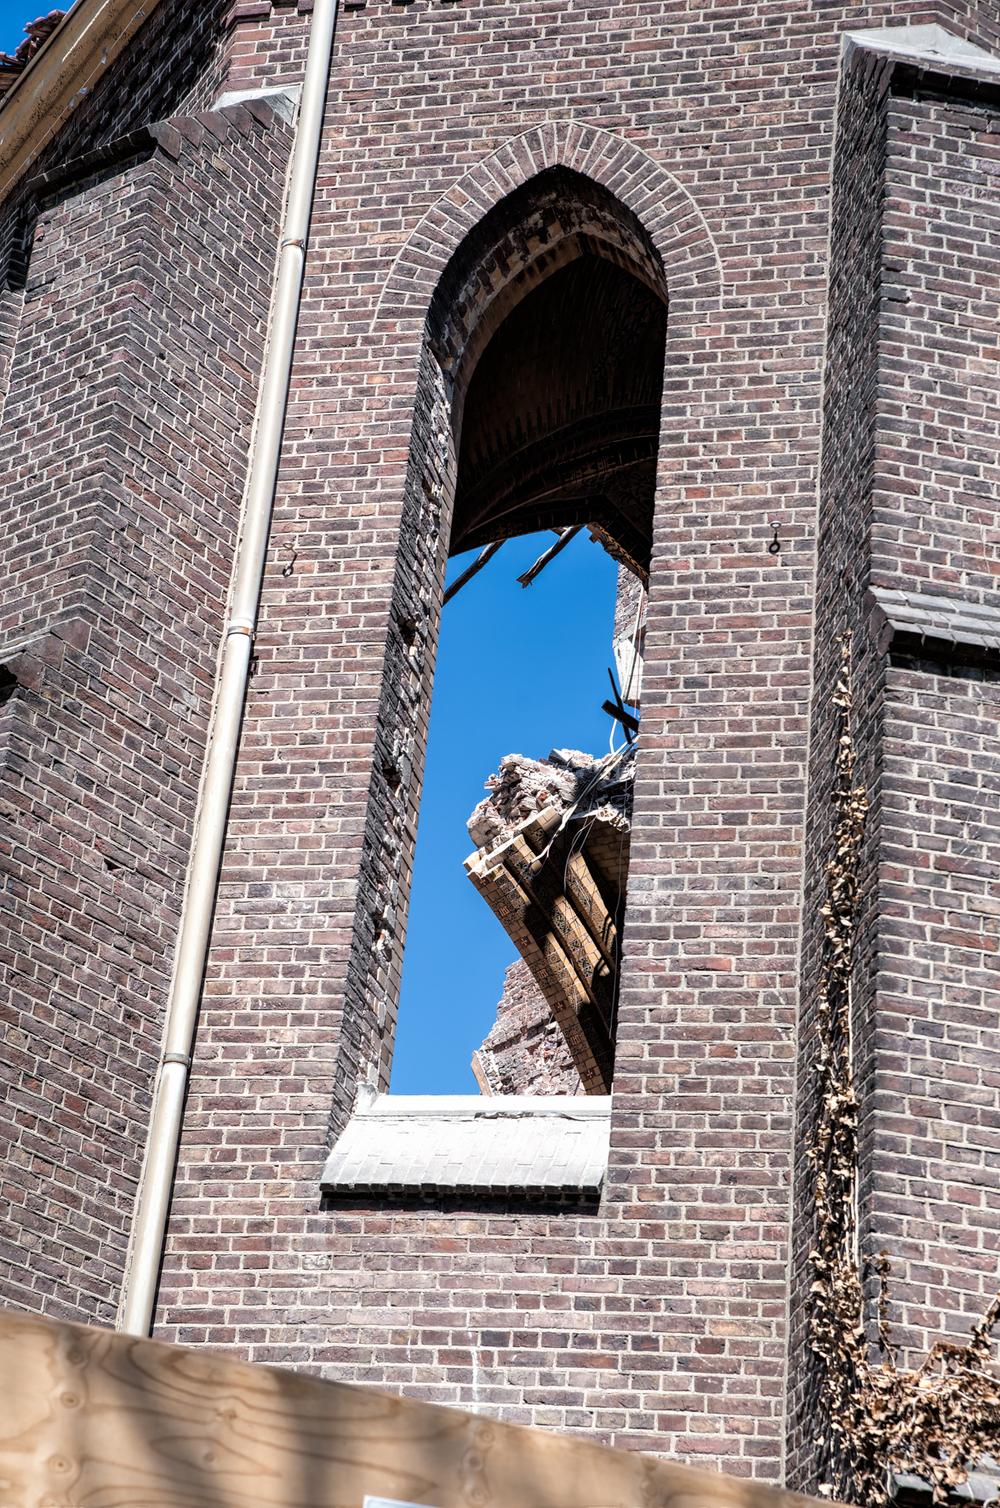 Rector_Driessenstraat-124.jpg